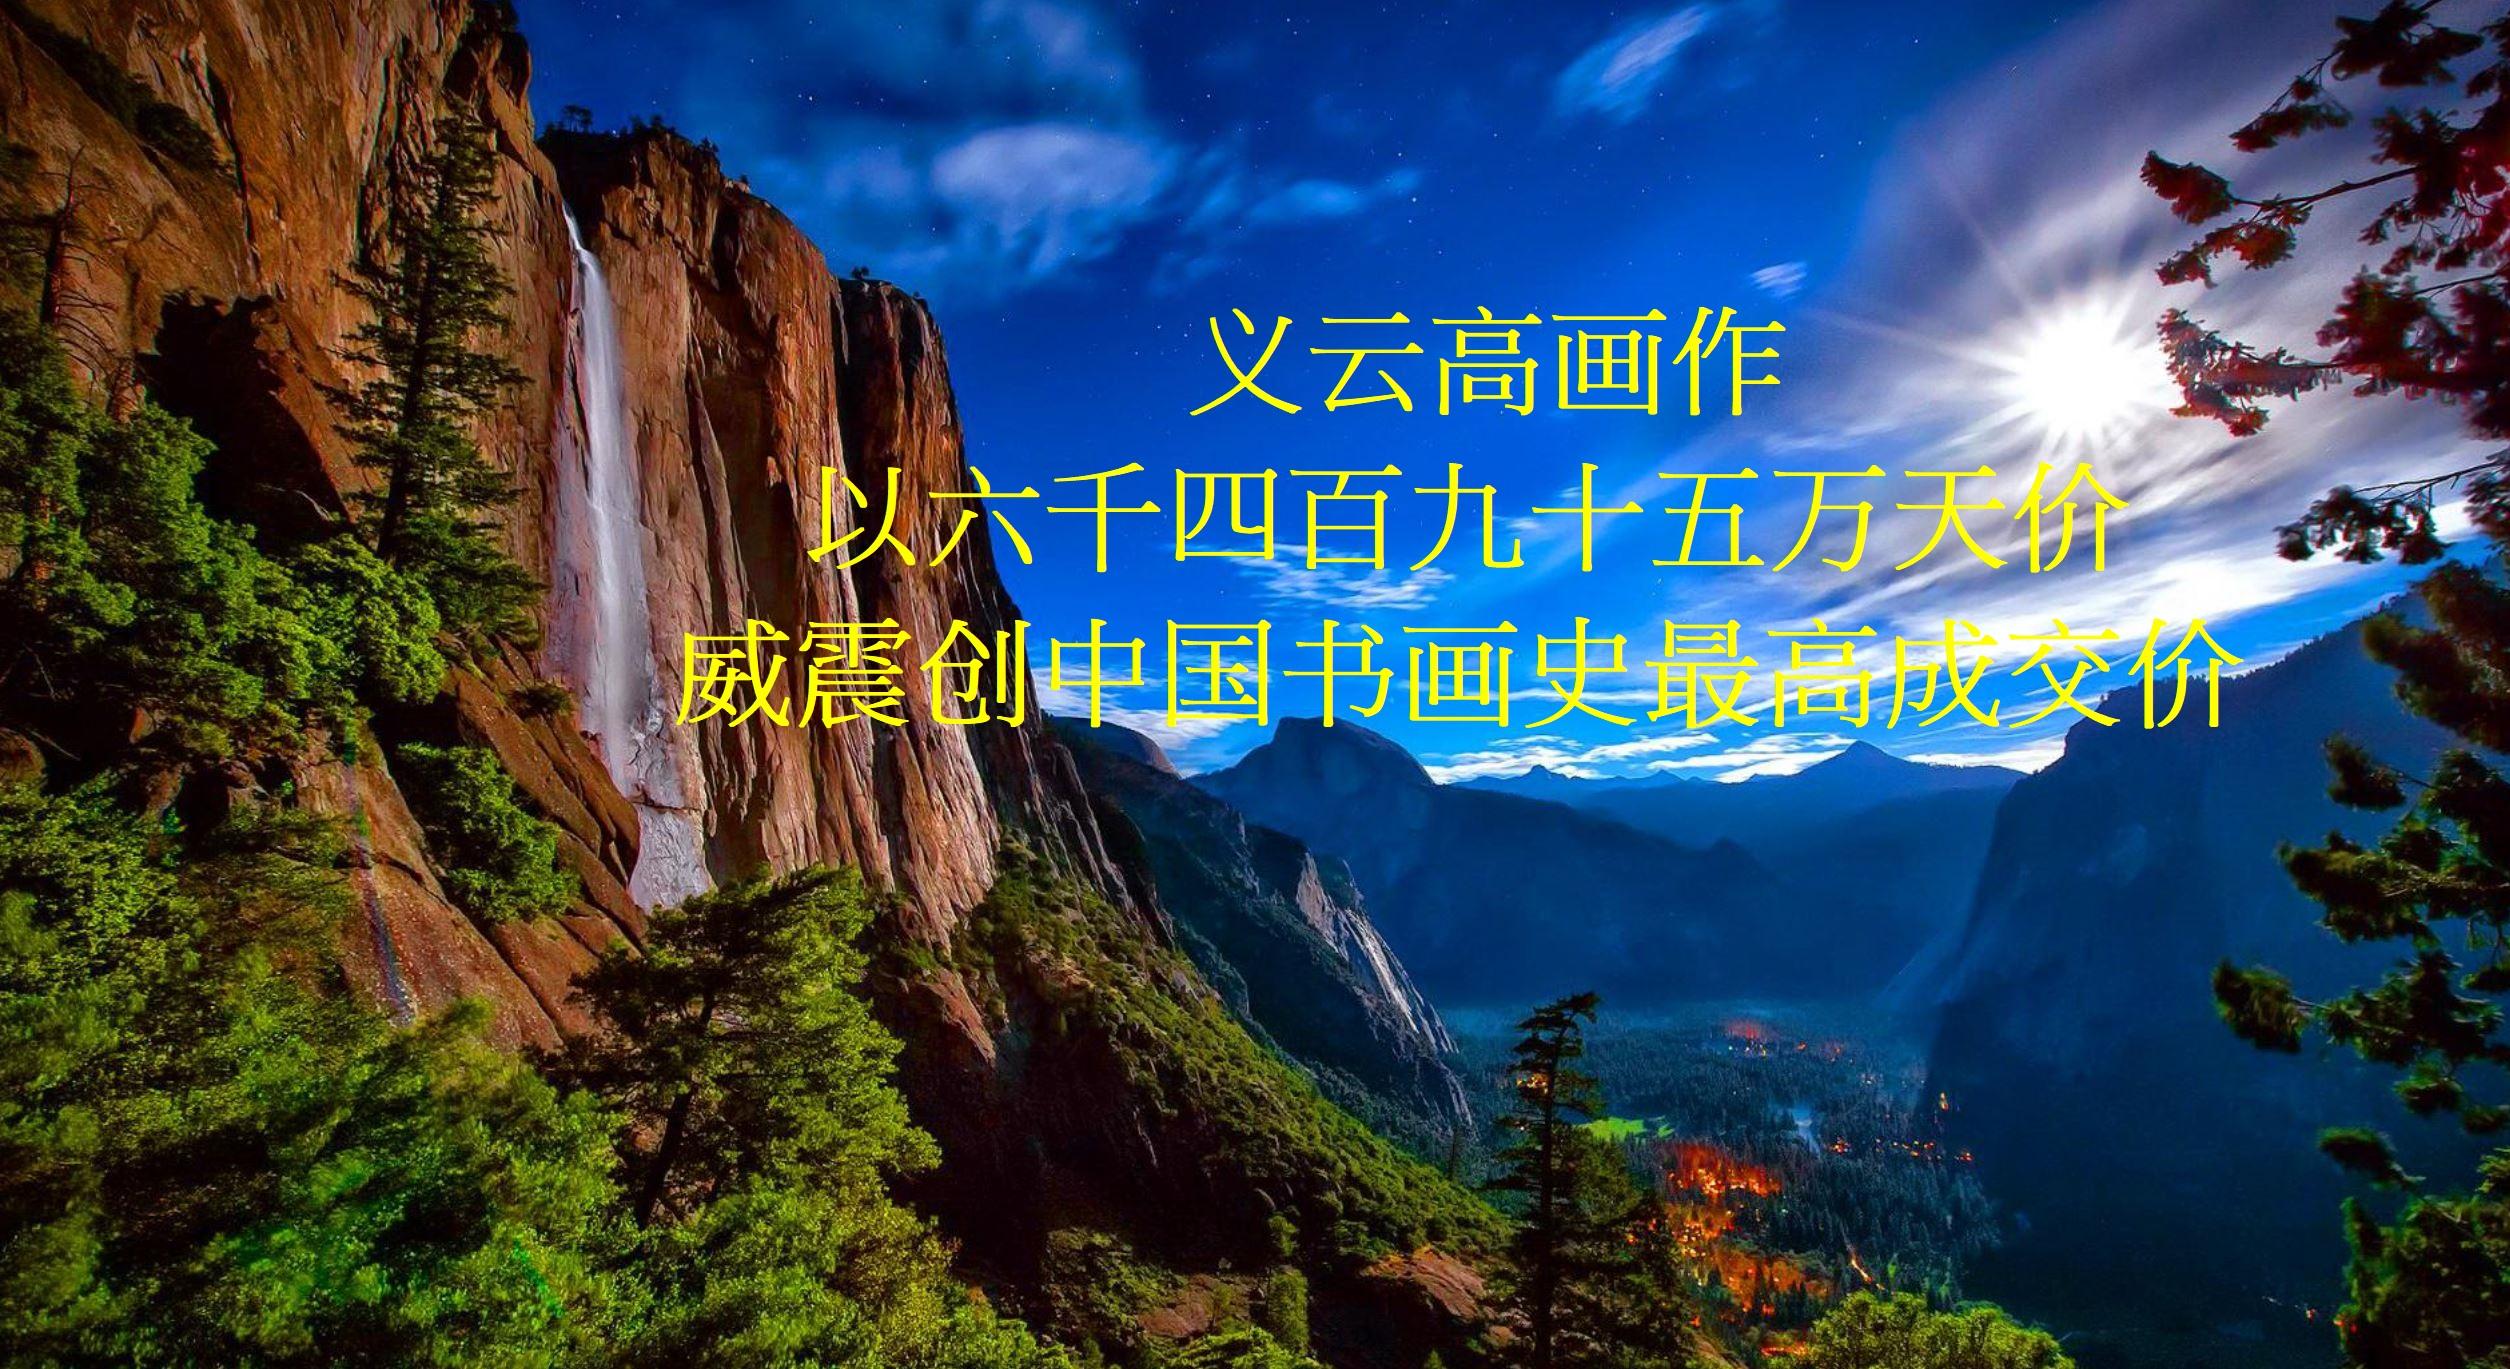 義雲高畫作以六千四百九十五萬天價 威震創中國書畫史最高成交價-1